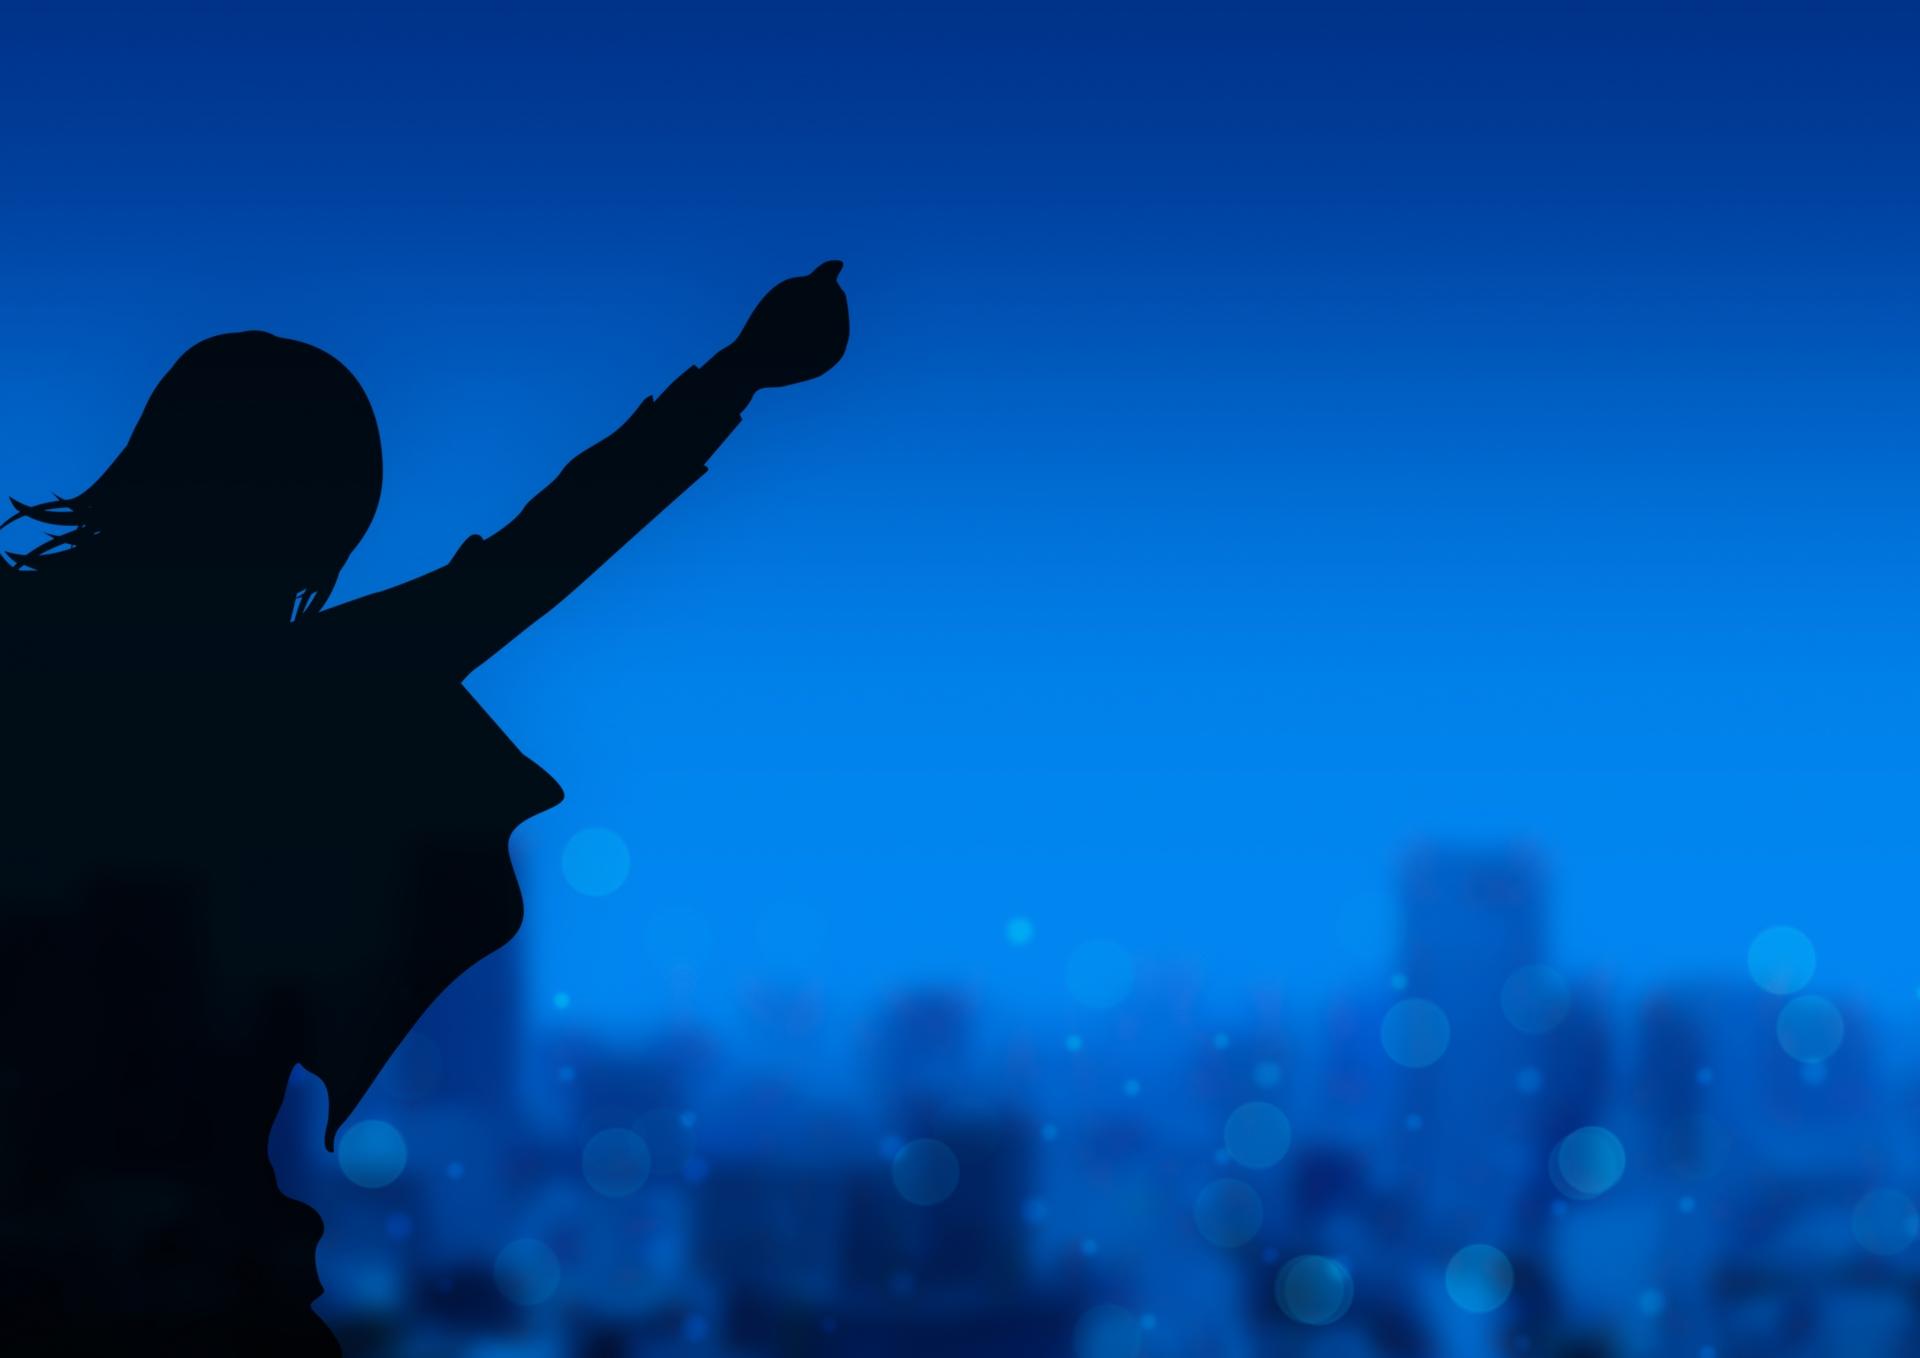 エコロジカルニッチ 生態的地位 ライフスタイル ブルーオーシャン戦略 耐用年数 賞味期限 新しい常識 キャリアプラン 逆張り戦略 医師キャリア相談 医師転職相談 医師転職エージェント 医師紹介会社 医師転職斡旋 医師転職支援 医師キャリアサポート ジーネット株式会社